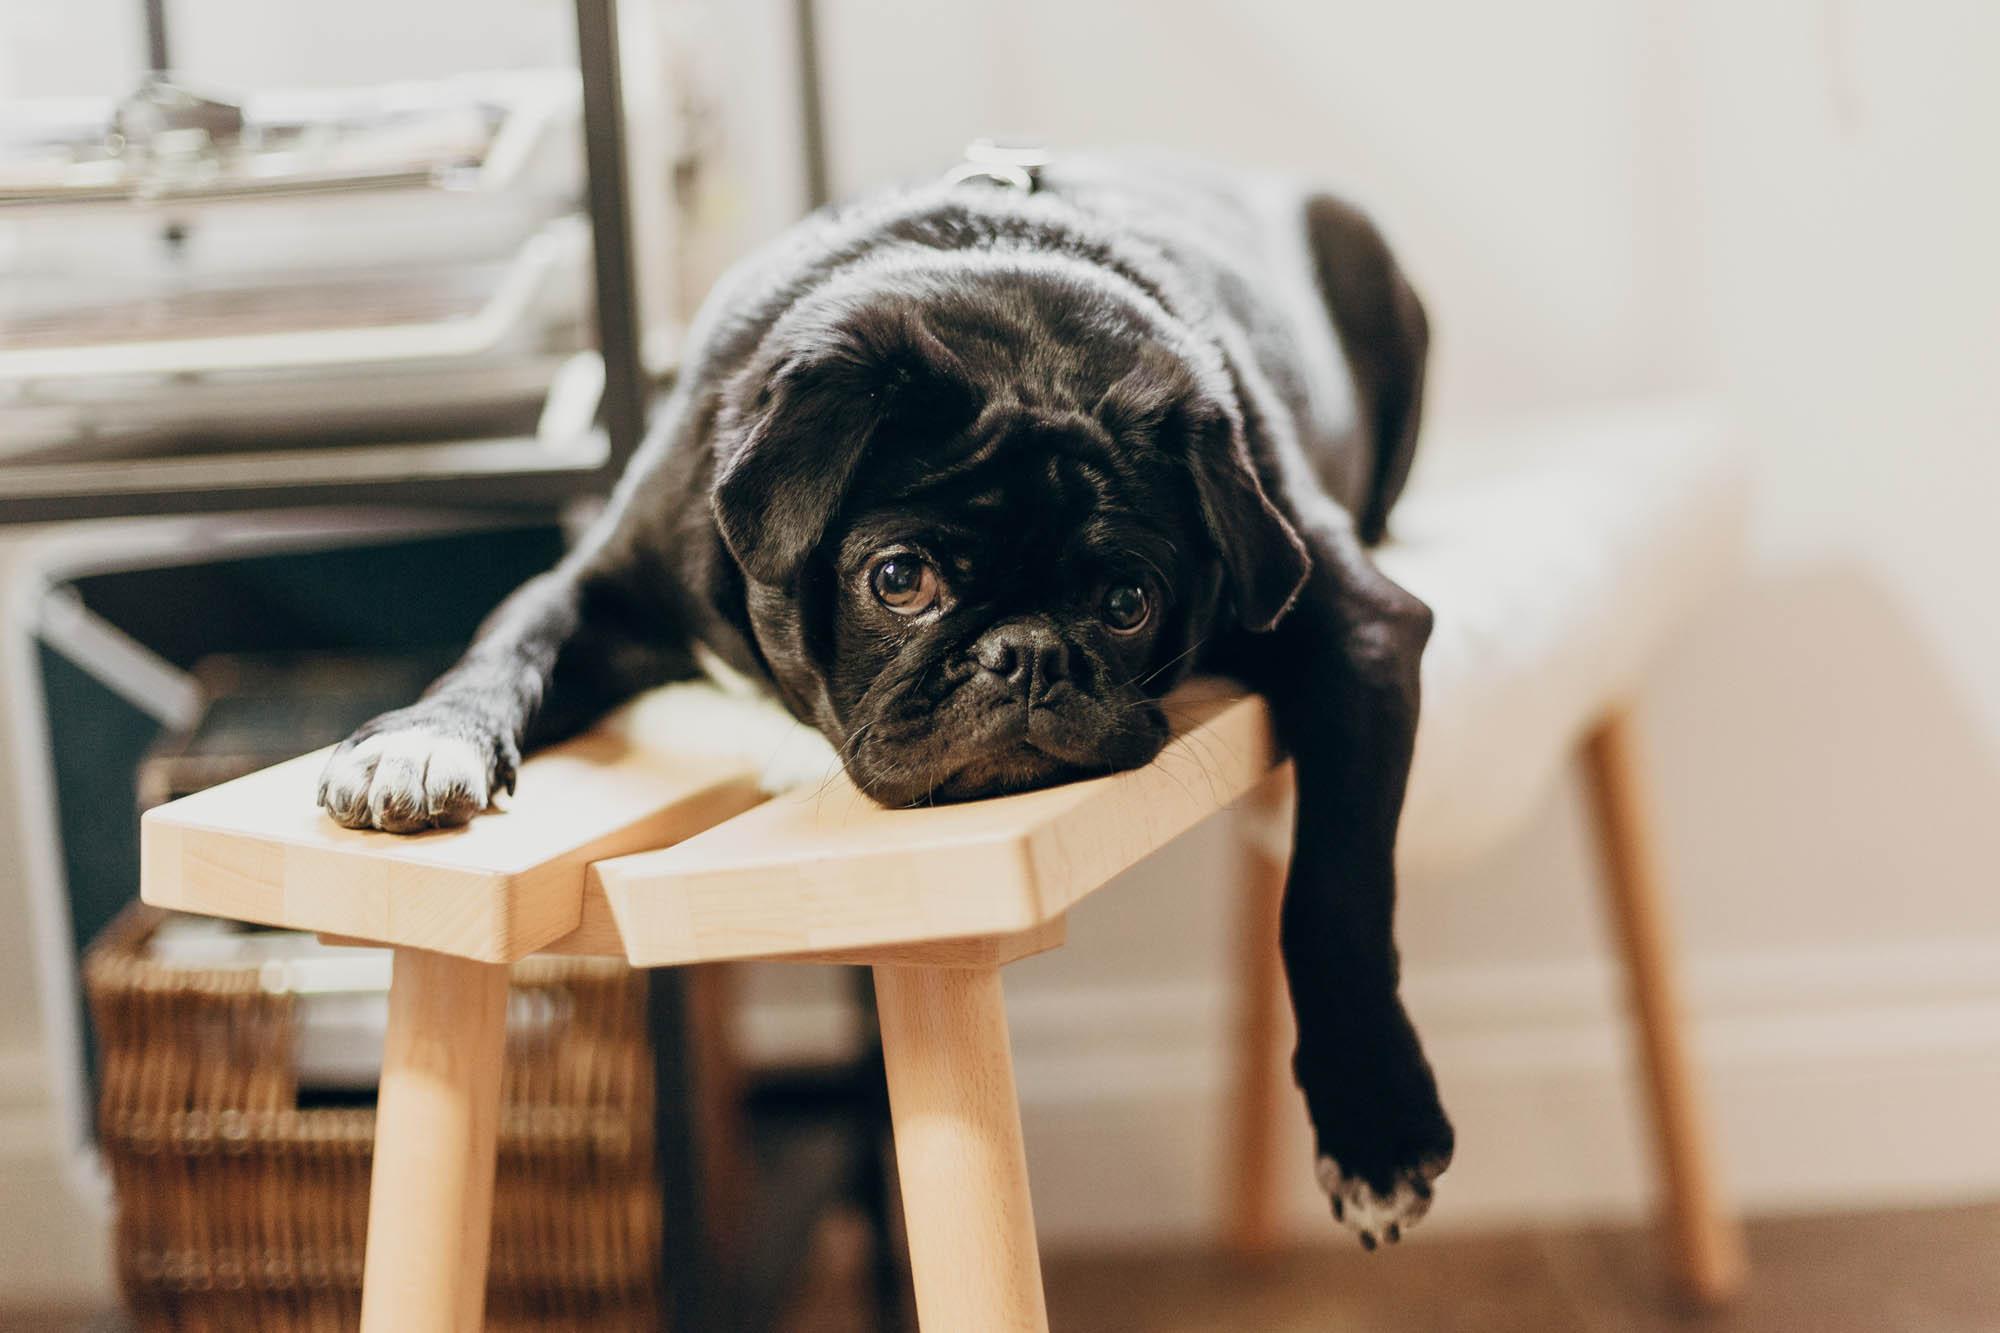 Hundmassage - när, hur och varför?